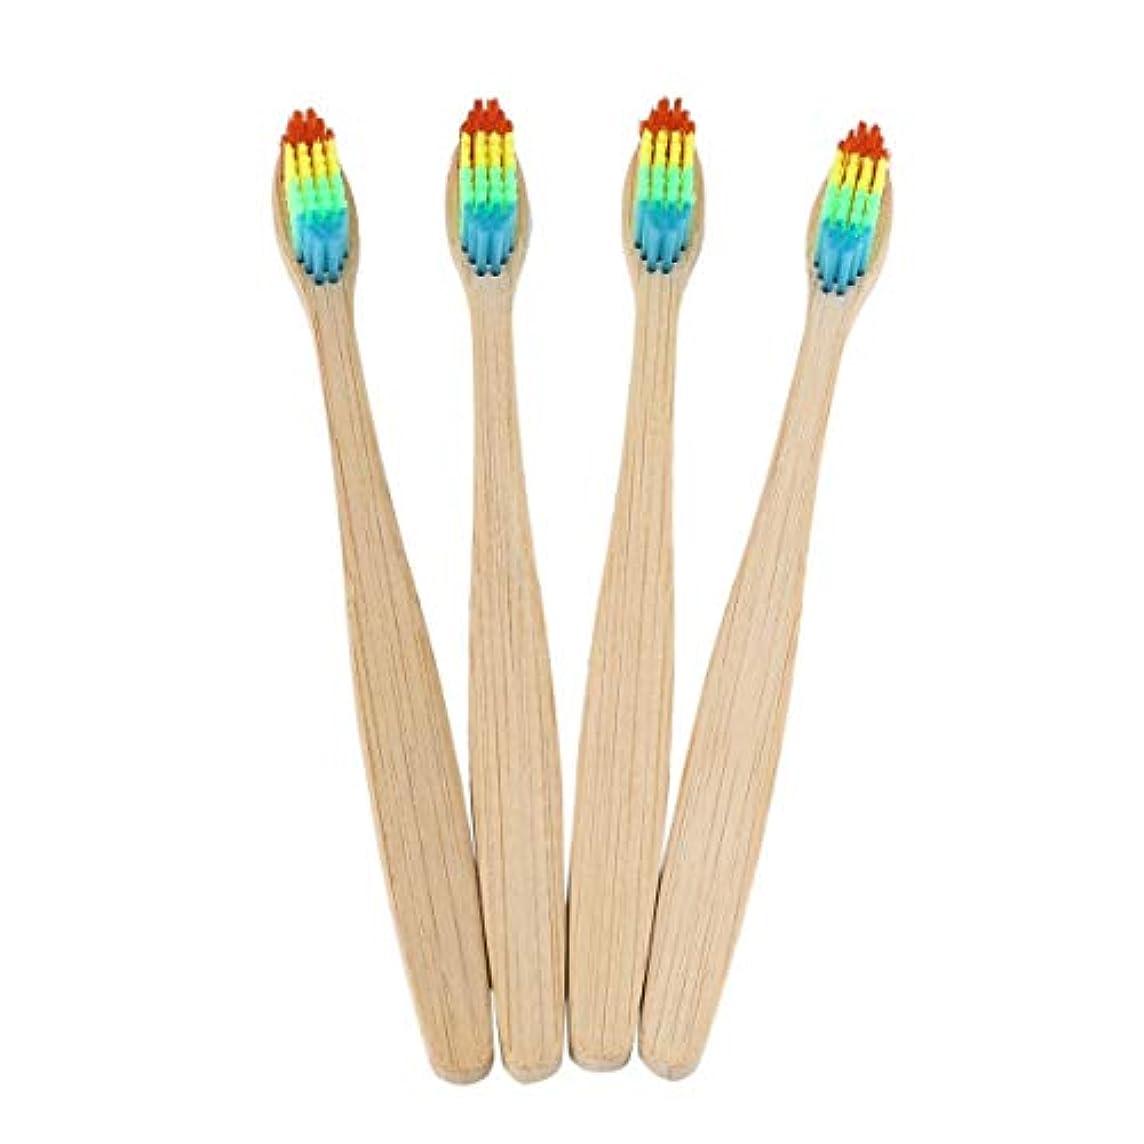 シャークうっかり軍艦カラフルな髪+竹のハンドル歯ブラシ環境木製の虹竹の歯ブラシオーラルケアソフト剛毛ユニセックス - ウッドカラー+カラフル